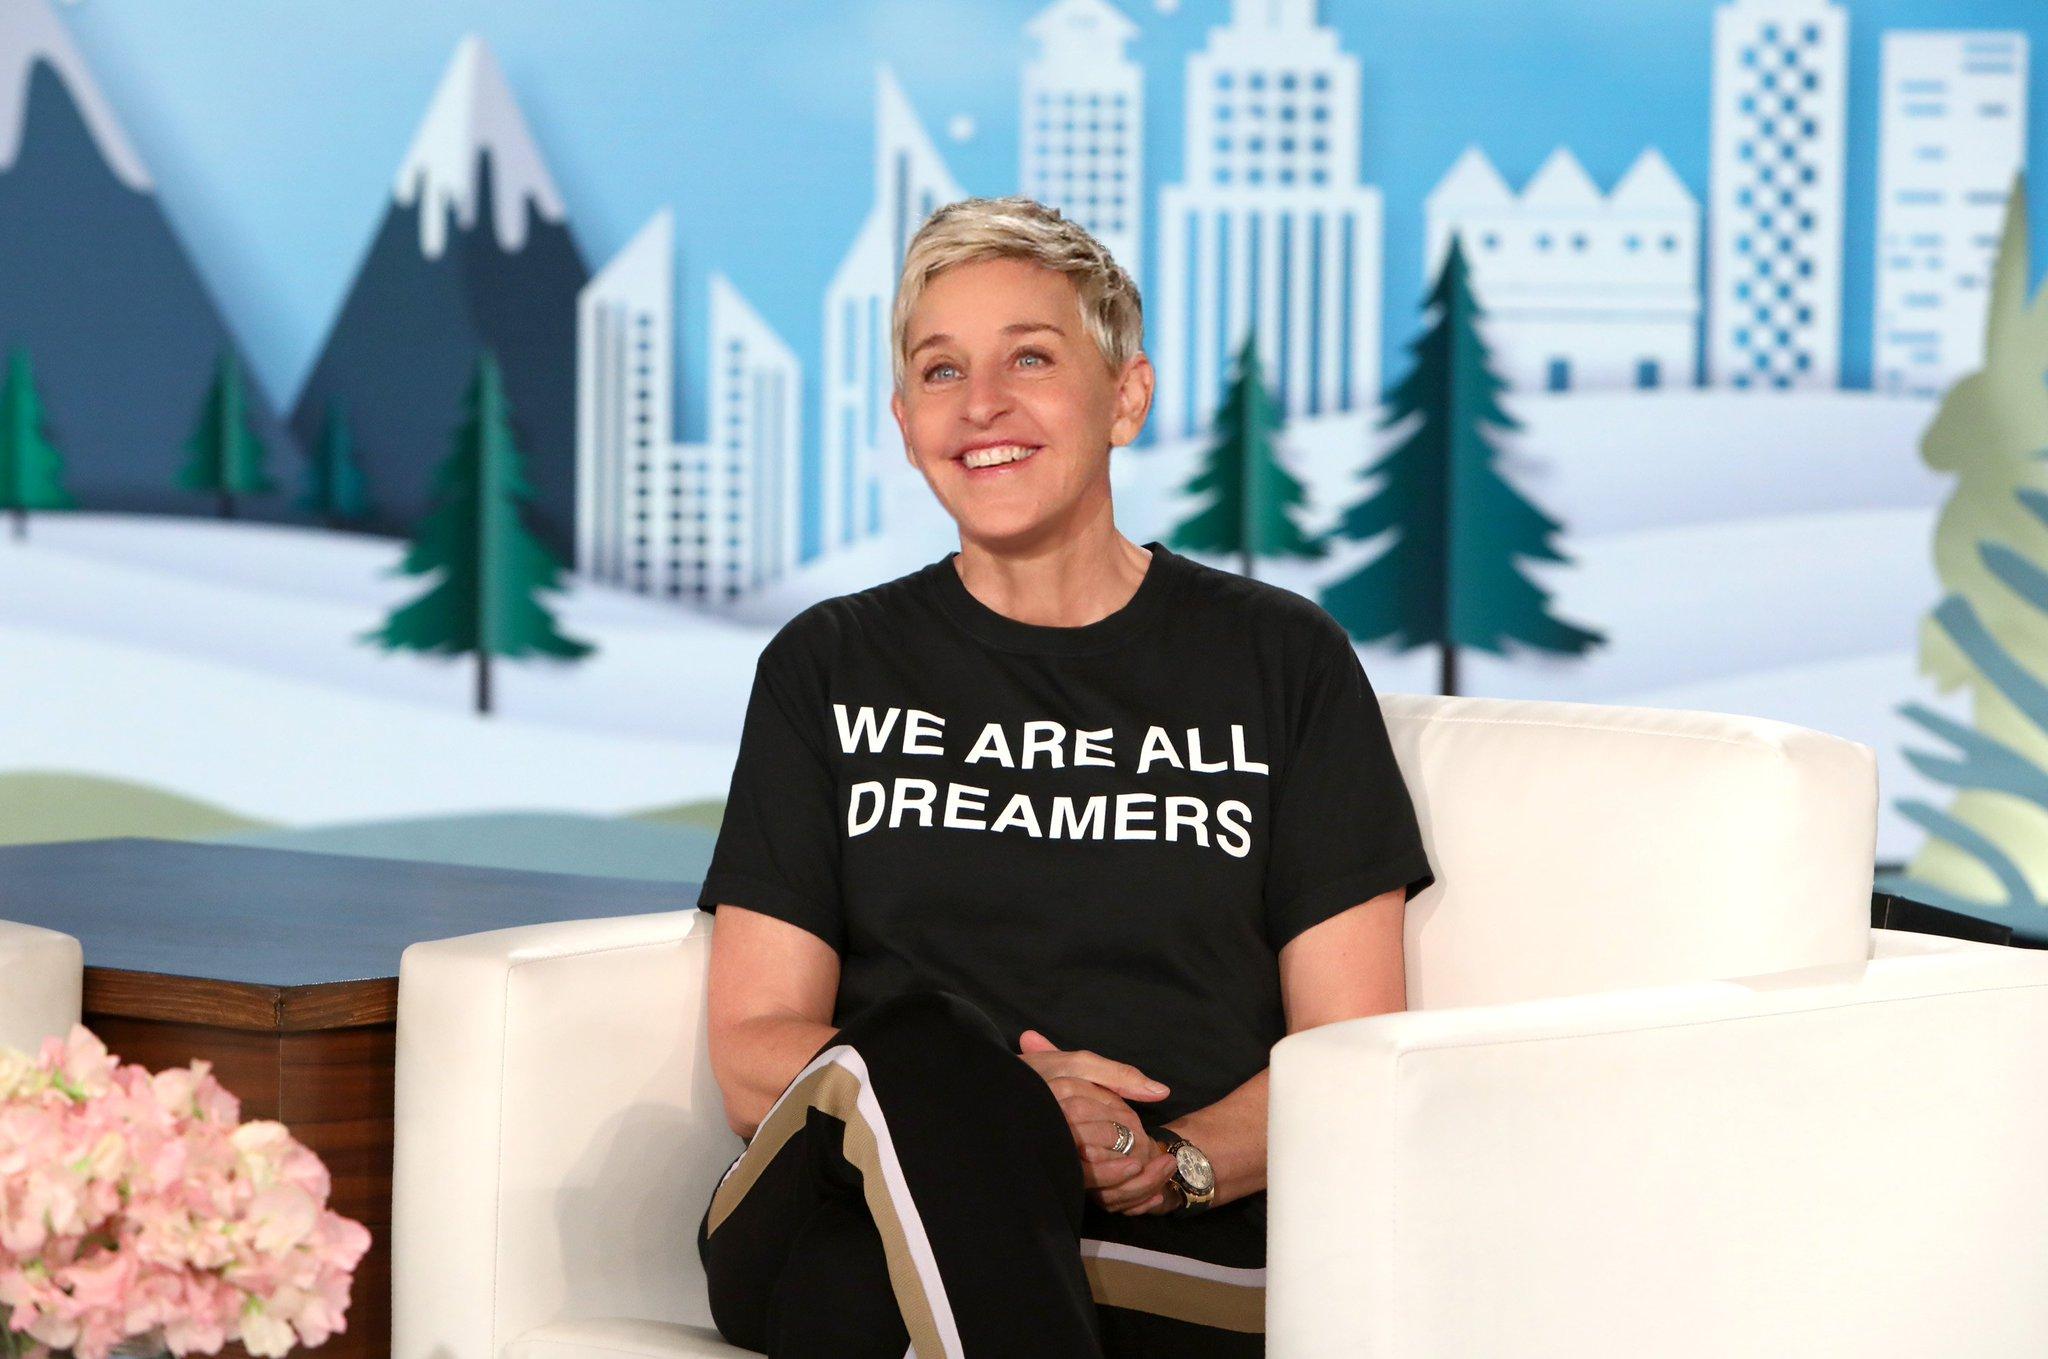 You may say I'm a dreamer. But I'm not the only one. #DreamAct https://t.co/bSIjyrotFr https://t.co/cSewadTfAD